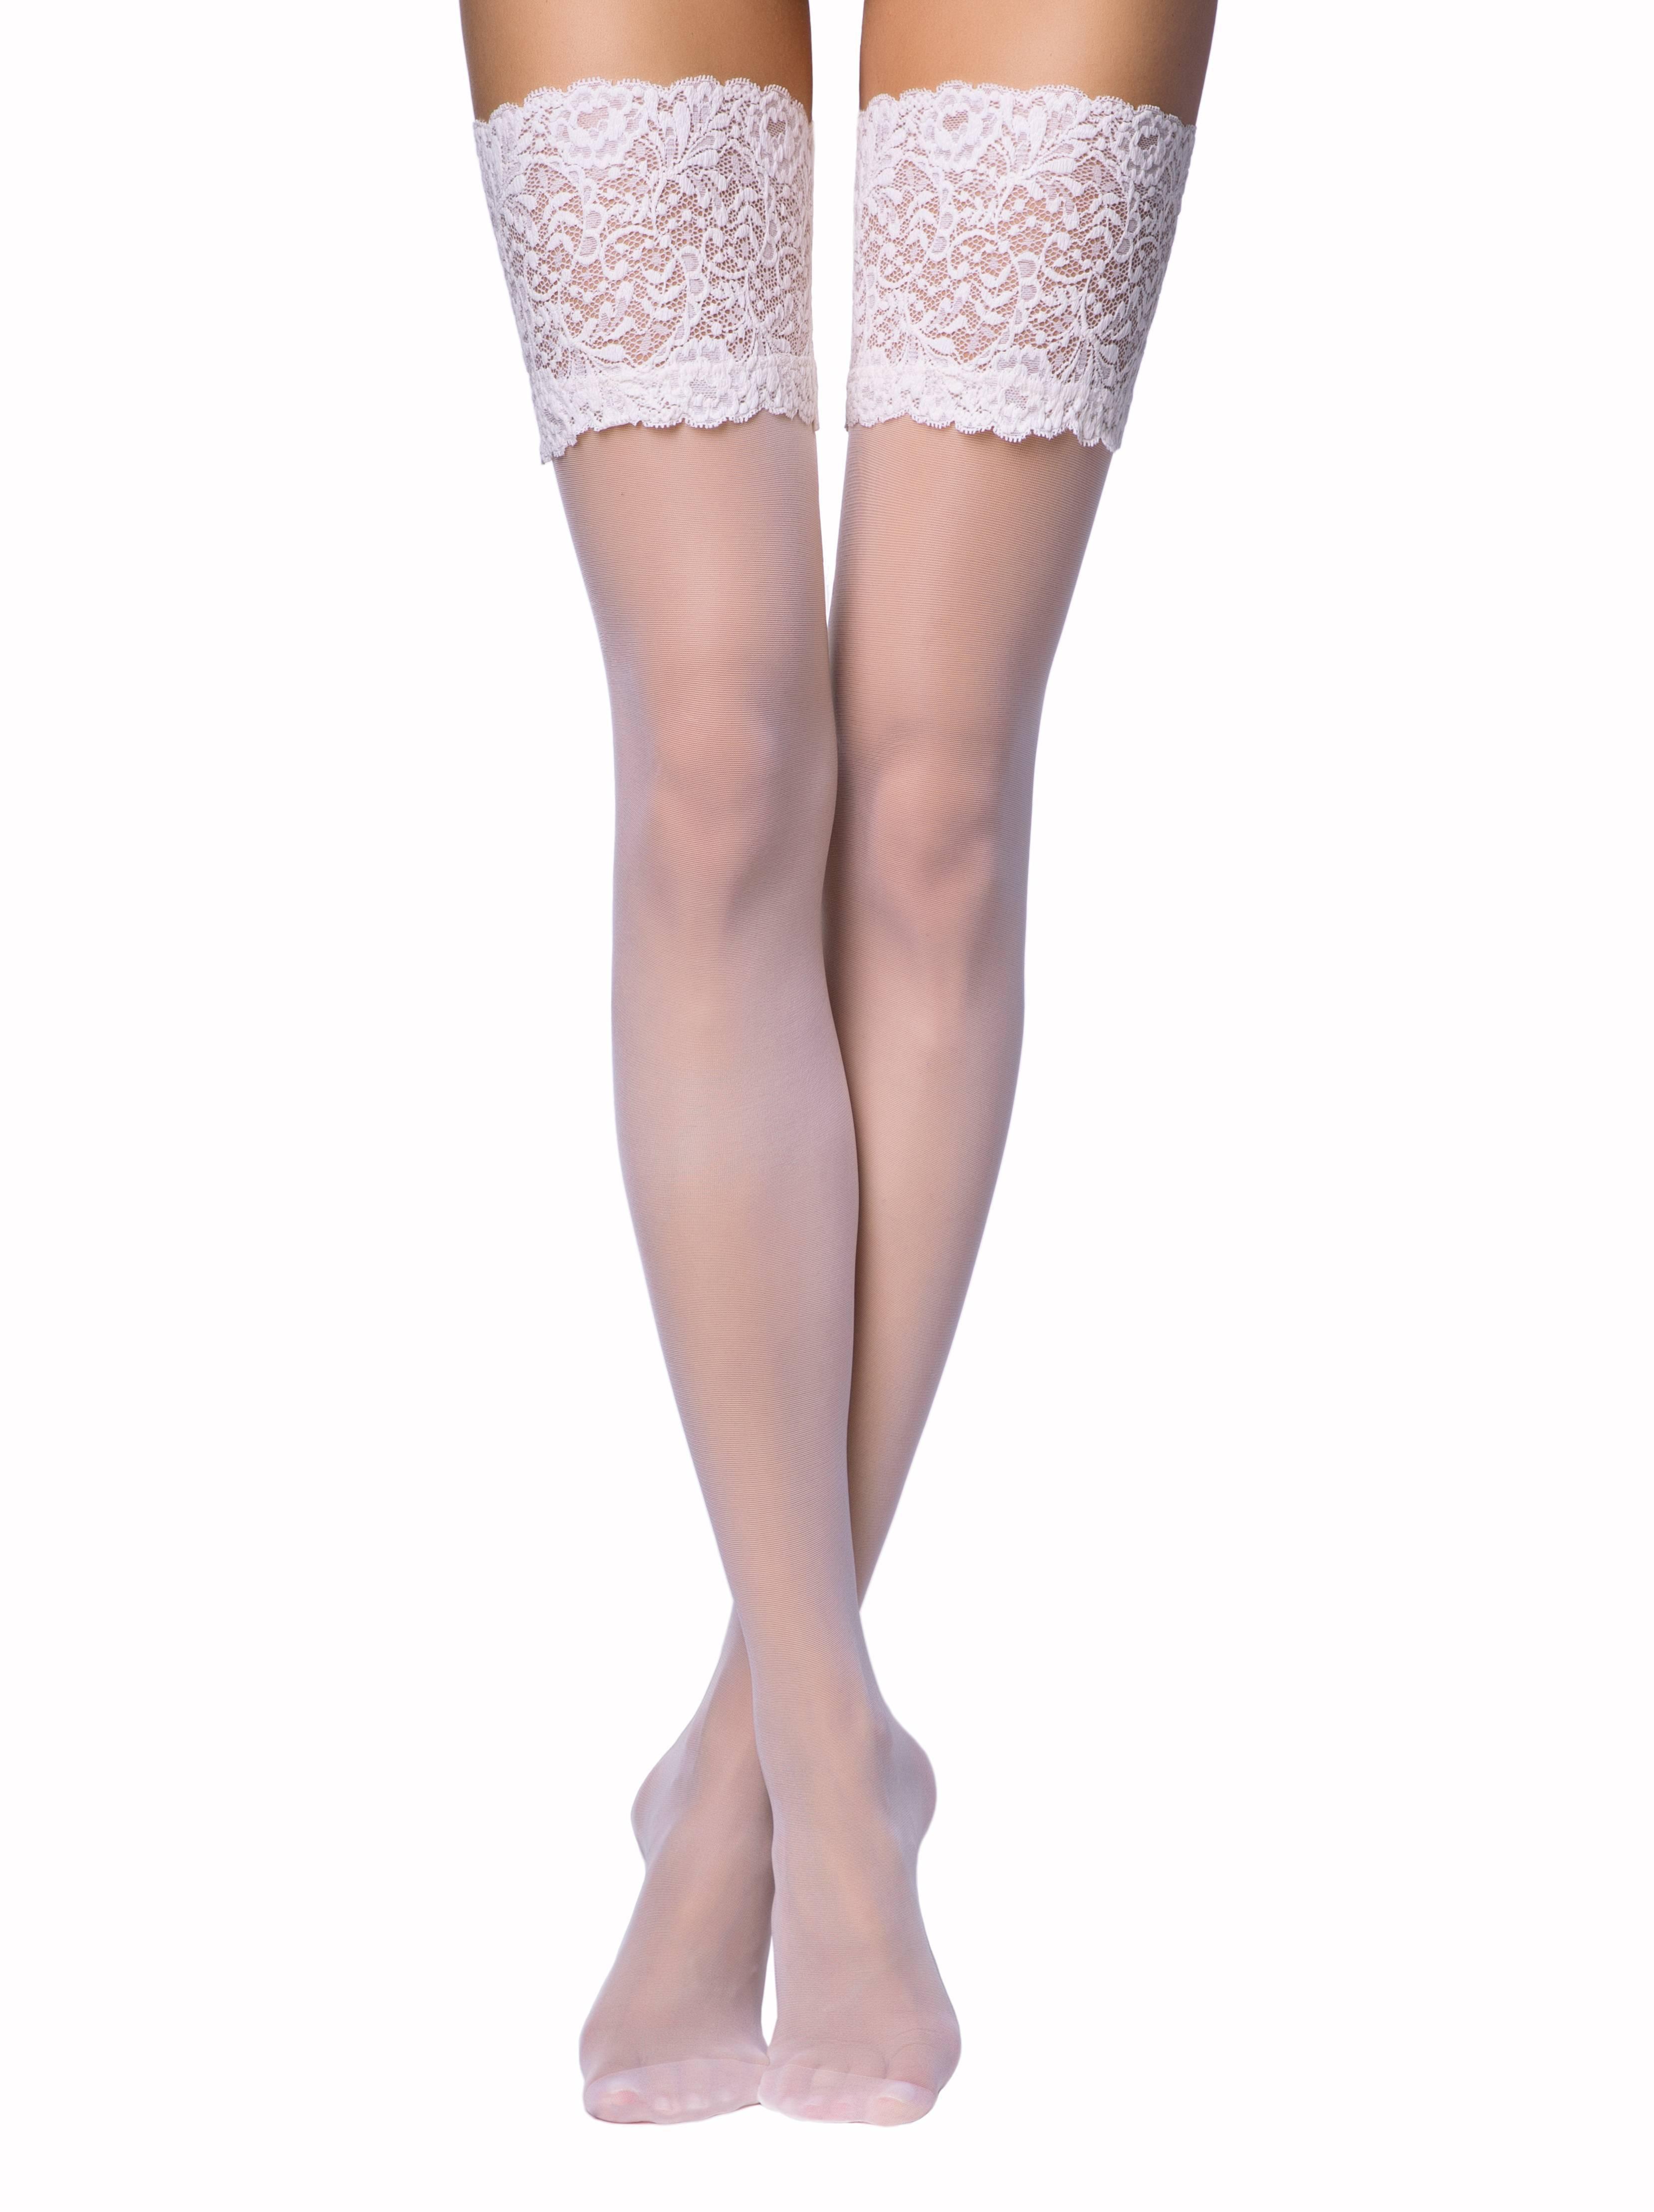 Чулки женские ⭐️ Свадебные чулки с ажурной резинкой AMORE ⭐️